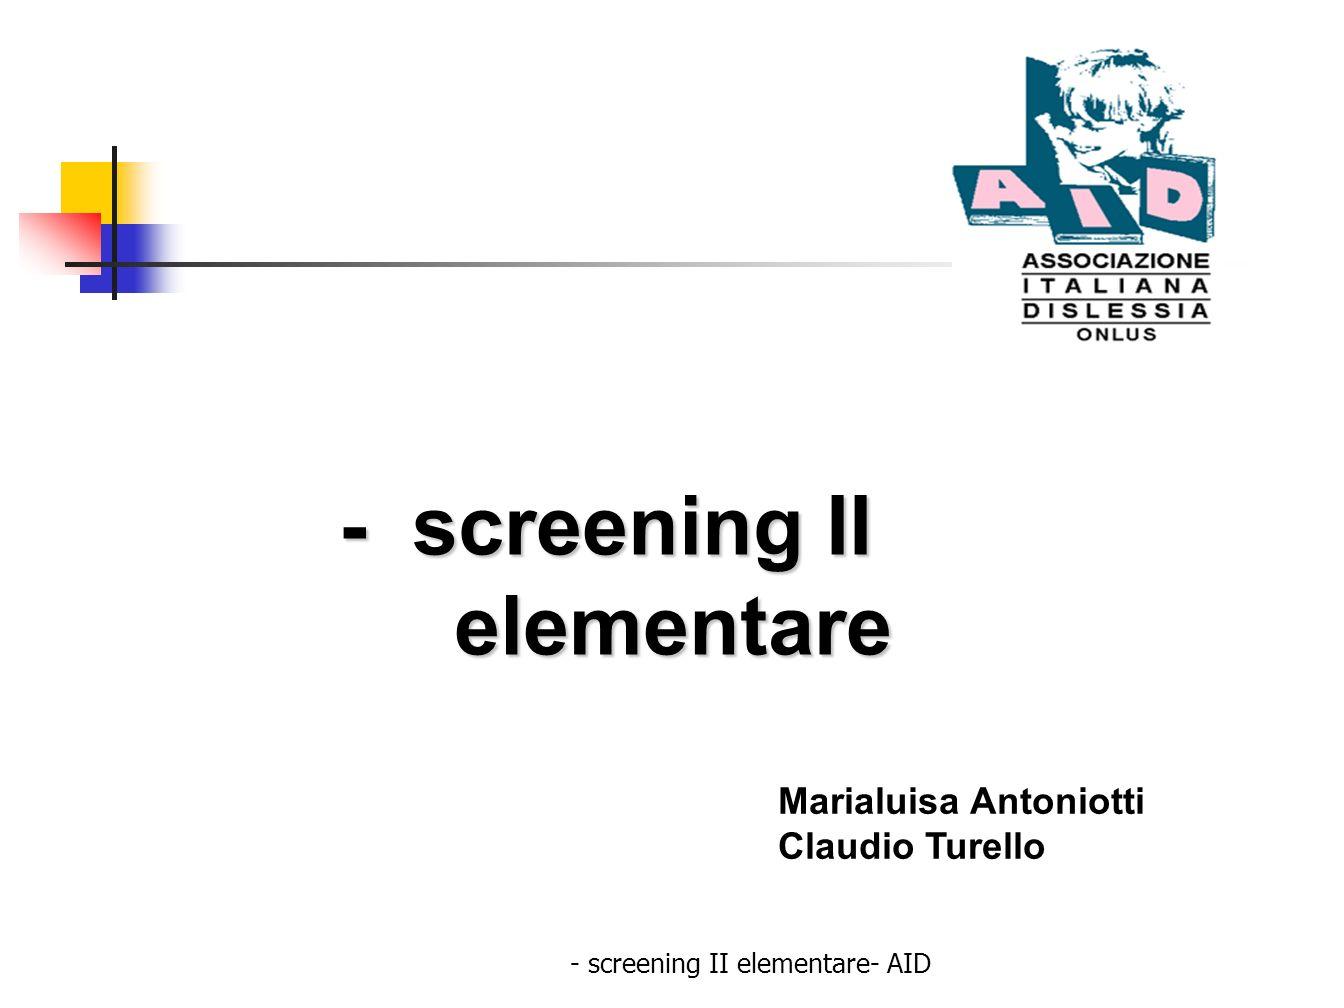 - screening II elementare- AID Fama Ente Fase Resa Mito Dominio Invidia Simbolo Azzardo Manovra Scalo Taglia Globulo Sciagura Motto Sfogo Sfida Bando Tizio Amarezza Denuncia Conforto Prodezze Distacco Svago Veglia Schiera Sciopero b.b.